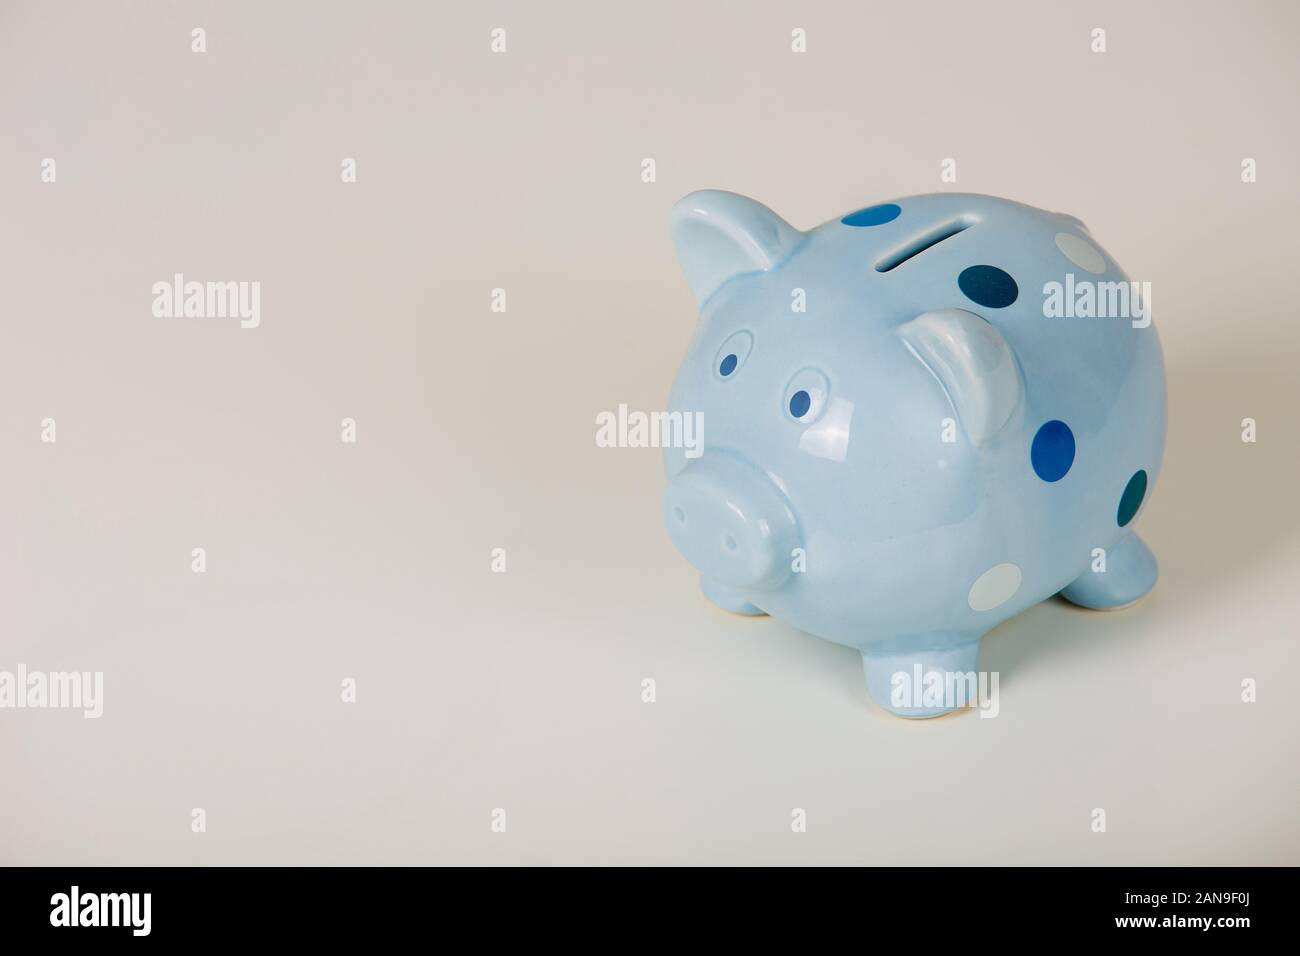 Close up di blu salvadanaio isolate su uno sfondo grigio con copia spazio. Finanza e denaro simbolo, il concetto di risparmio. Foto Stock